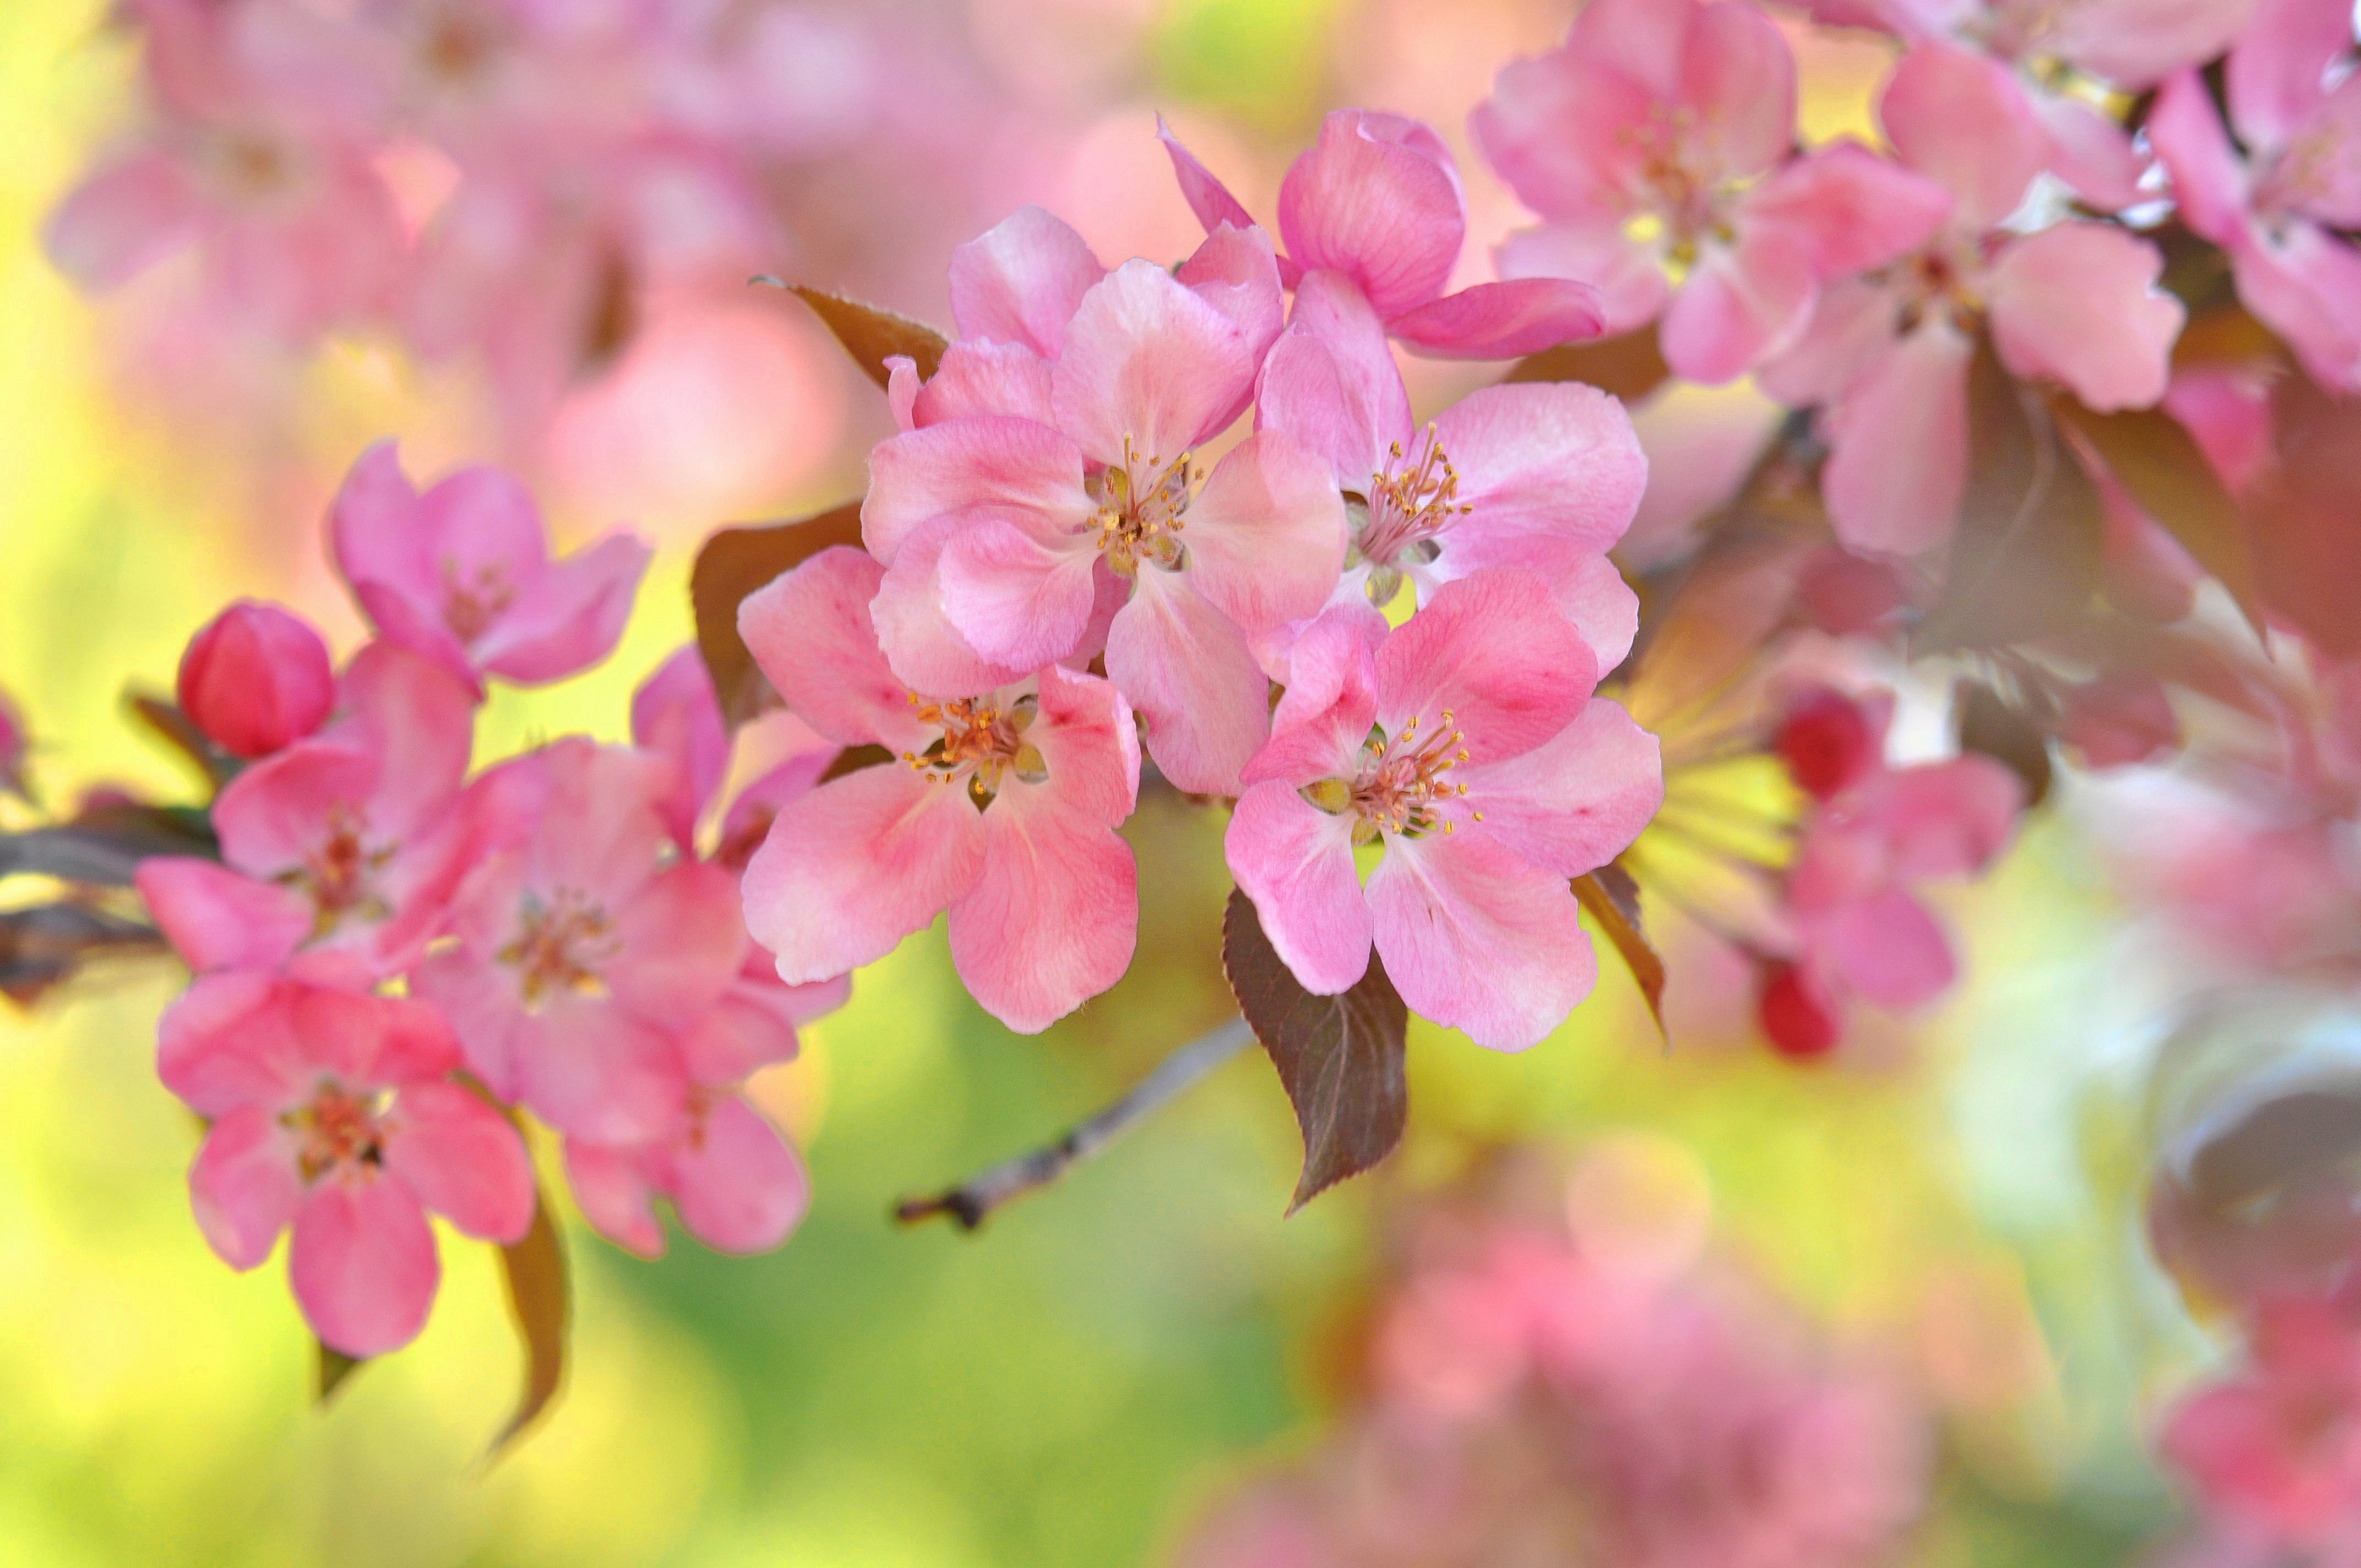 вишня цветение  № 2767190 бесплатно